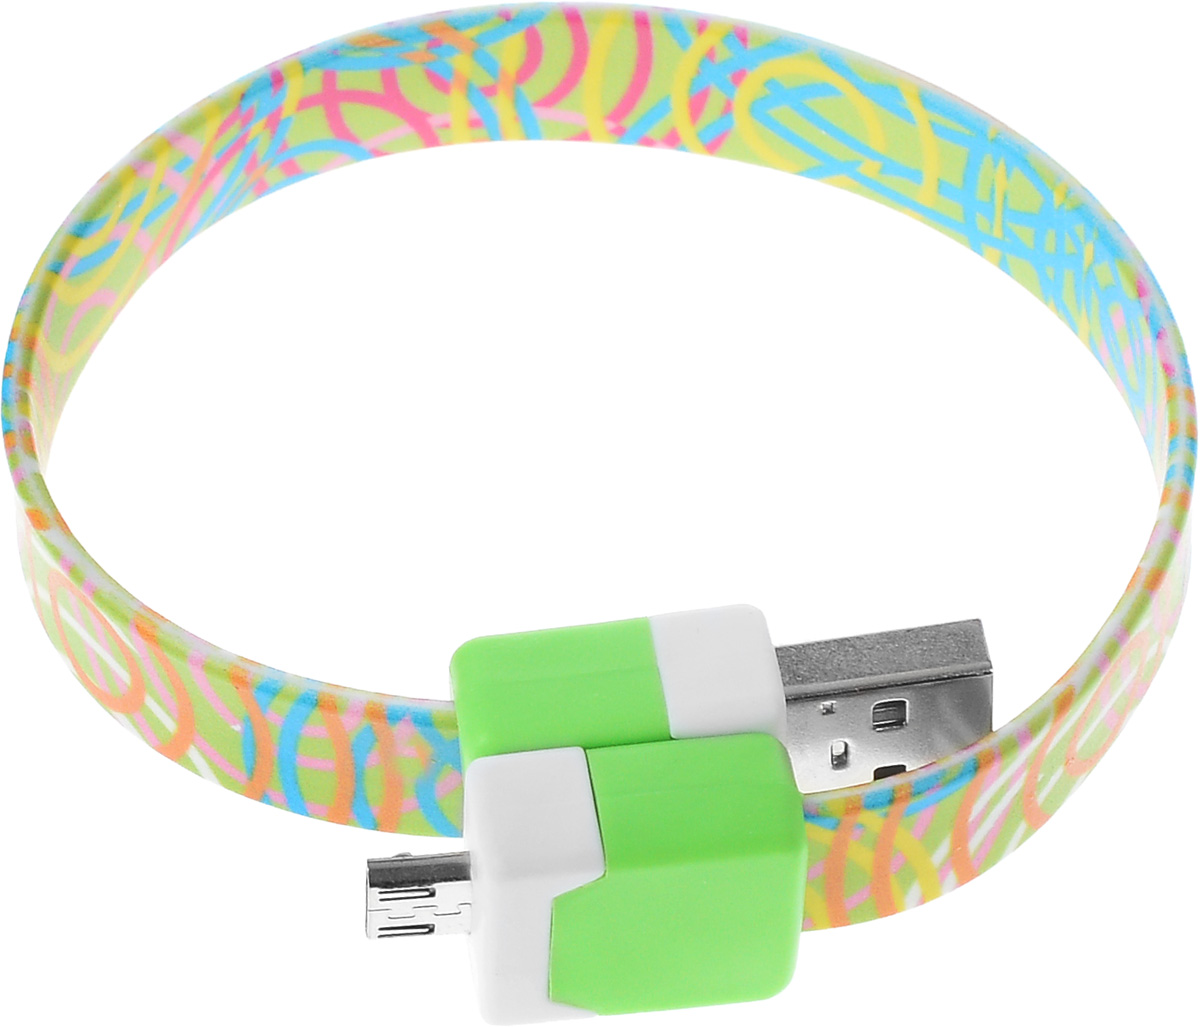 Кабель USB-micro USB 2.0, 25cм DVTech CB135 multicolorDVTech CB135 multicolorКабель DVTech CB135 предназначен для зарядки портативных устройств с разъемом micro-USB от стандартного USB порта и обмена данными между устройствами. Кабель выполнен из высококачественных материалов, в корпусах разъемов размещены магнитные вставки, благодаря чему его можно носить как браслет на запястье.